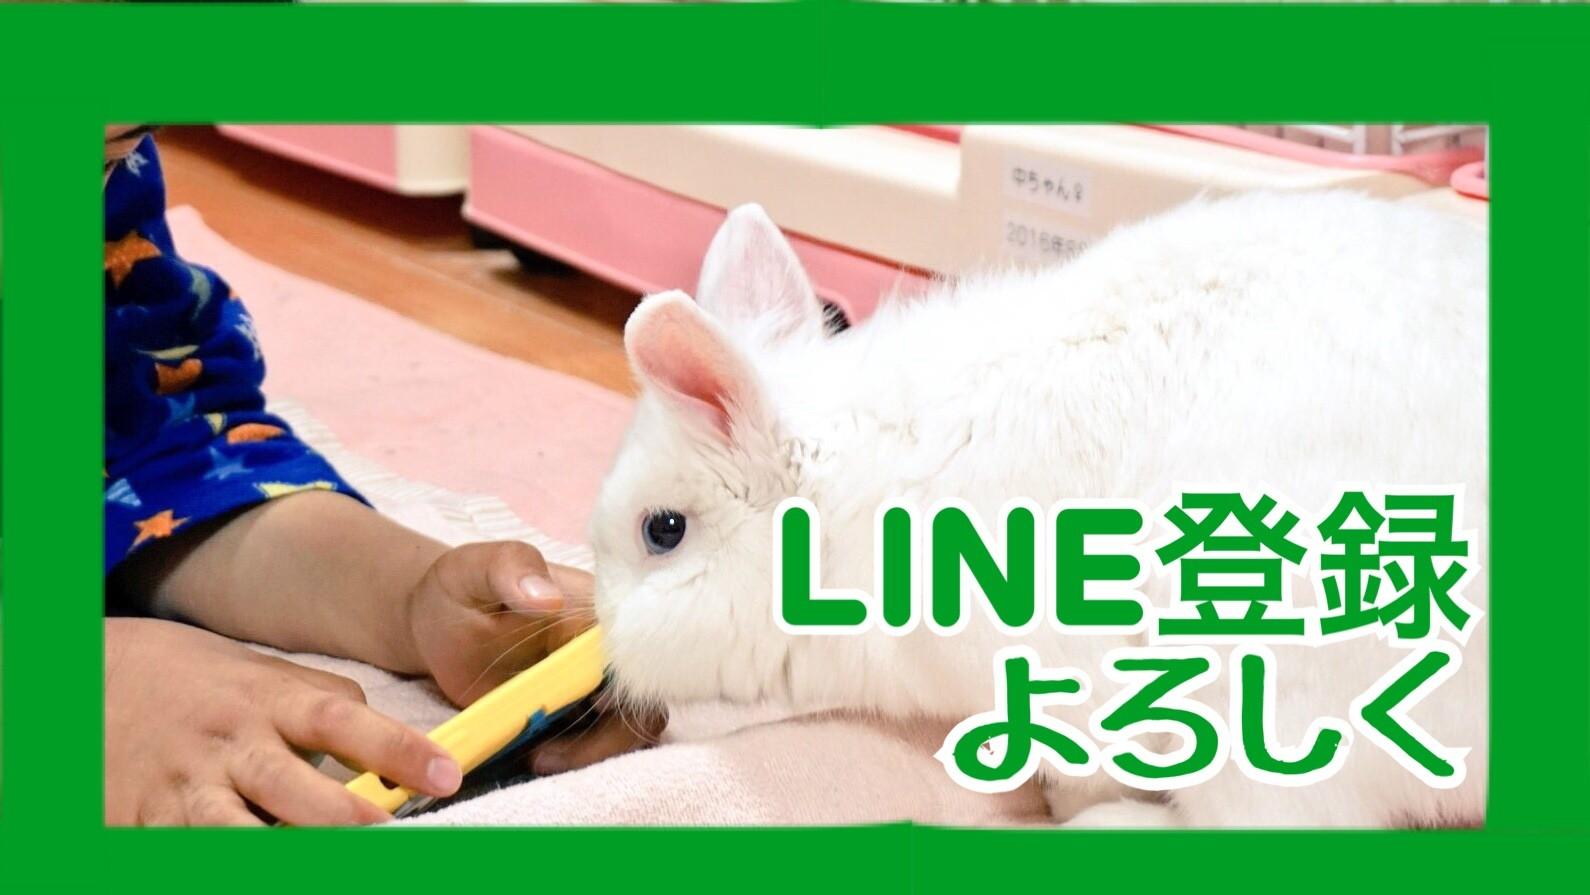 LINE読者登録よろしくお願いします